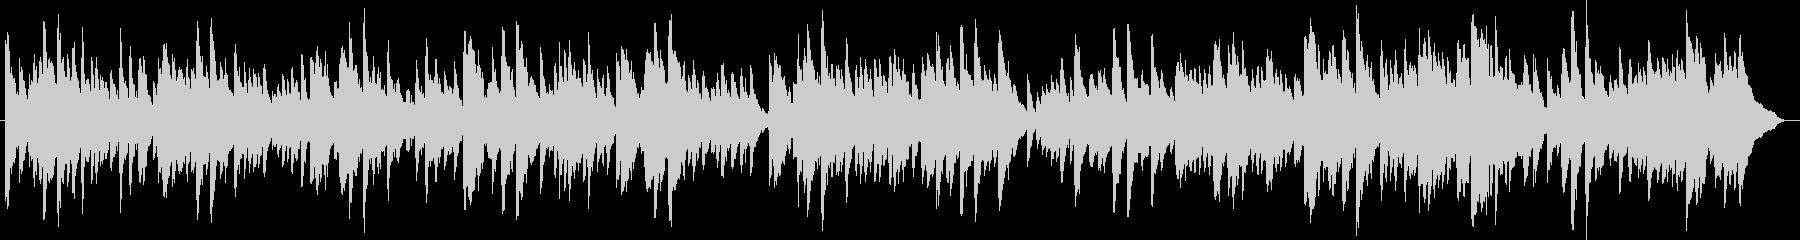 幻想的で綺麗なピアノBGM10の未再生の波形